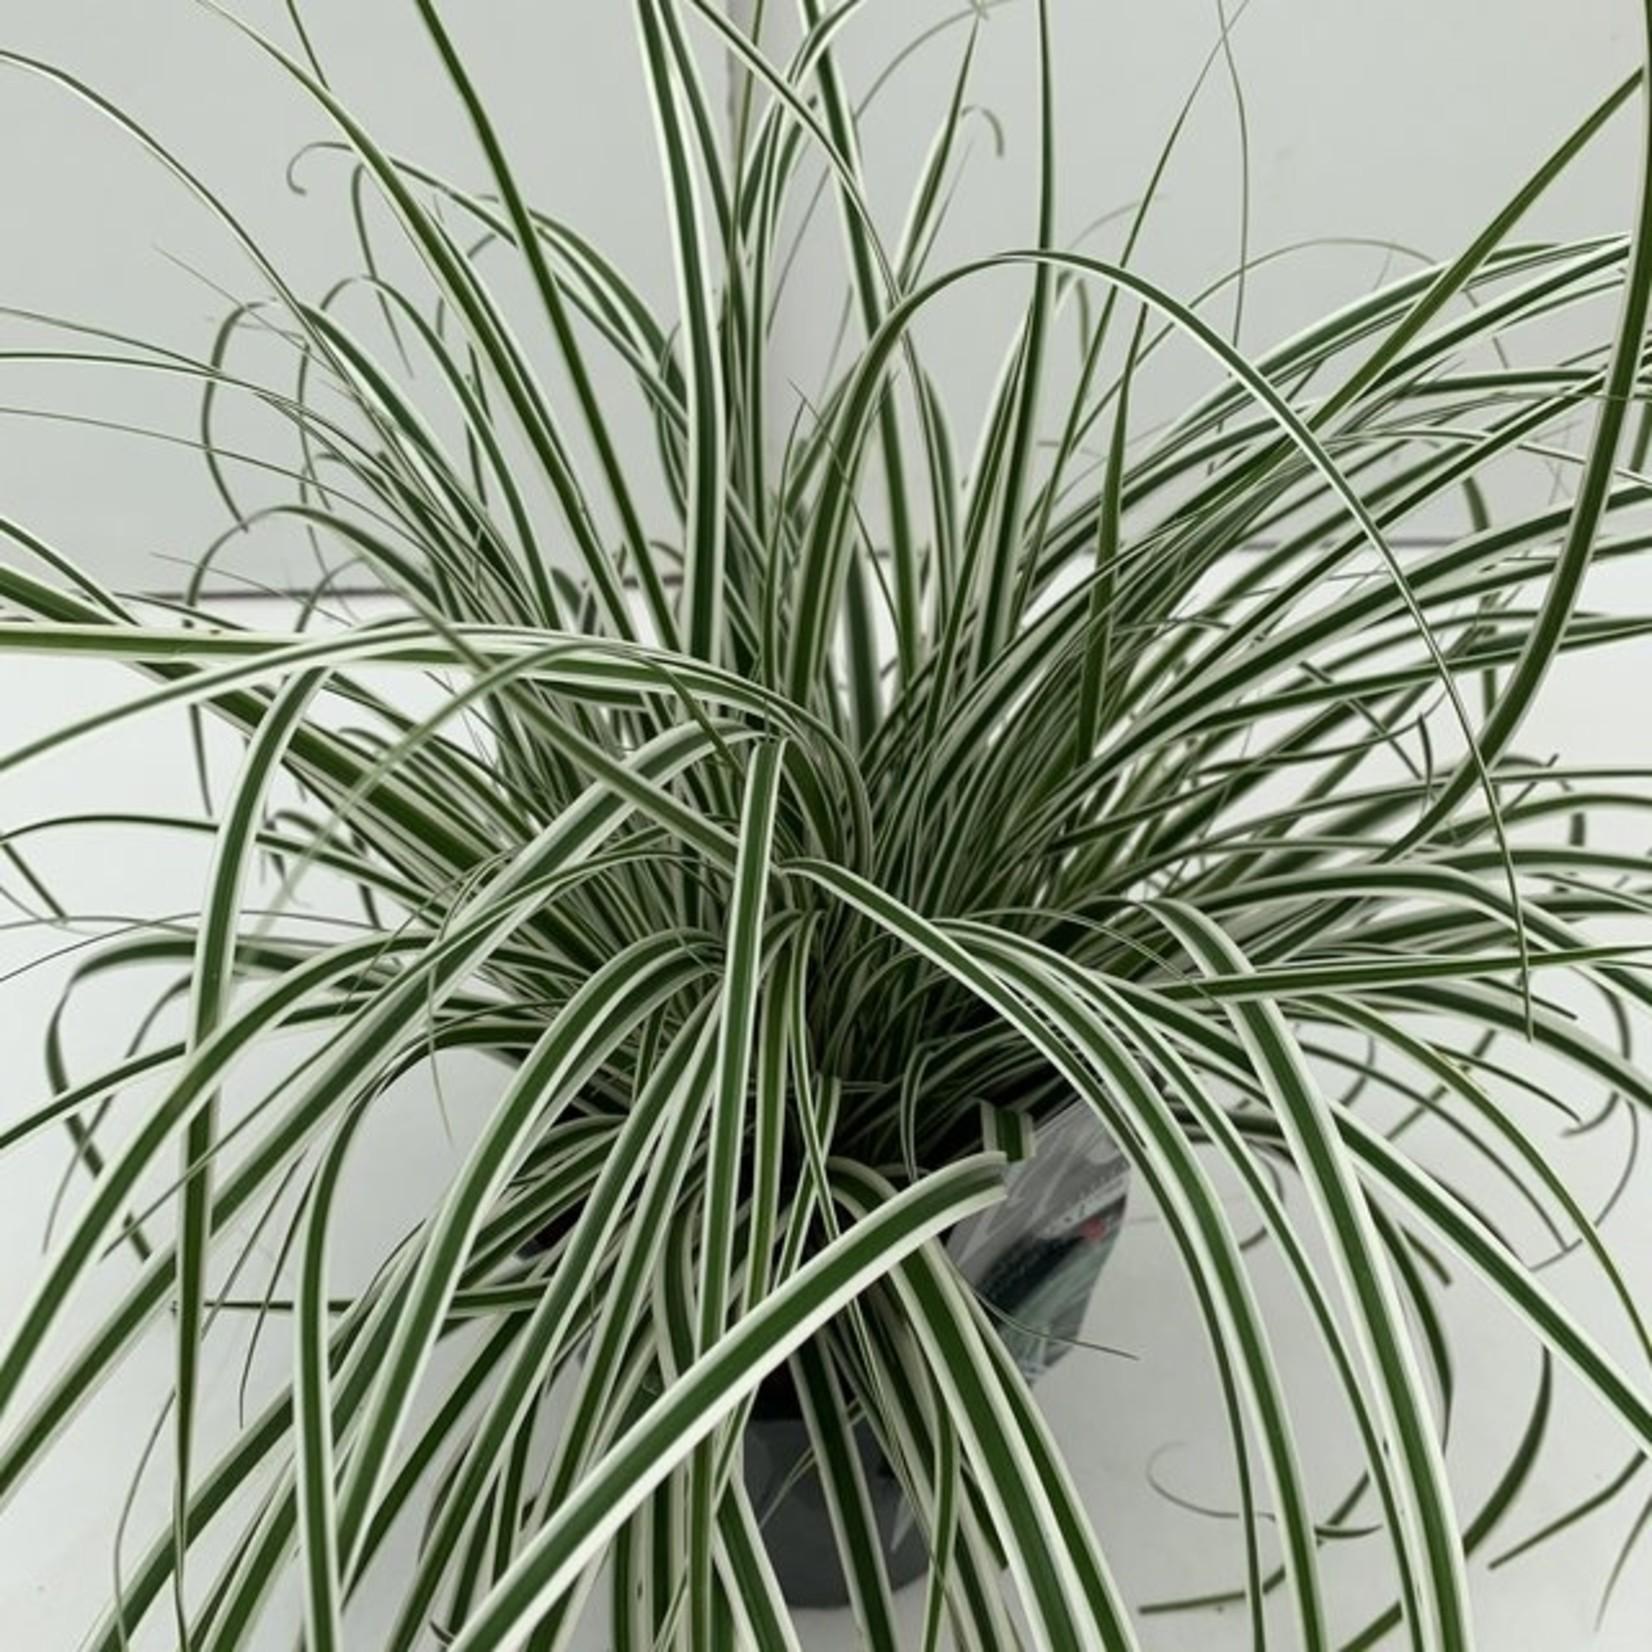 Carex oshimensis 'Everest' (Bontbladige zegge)